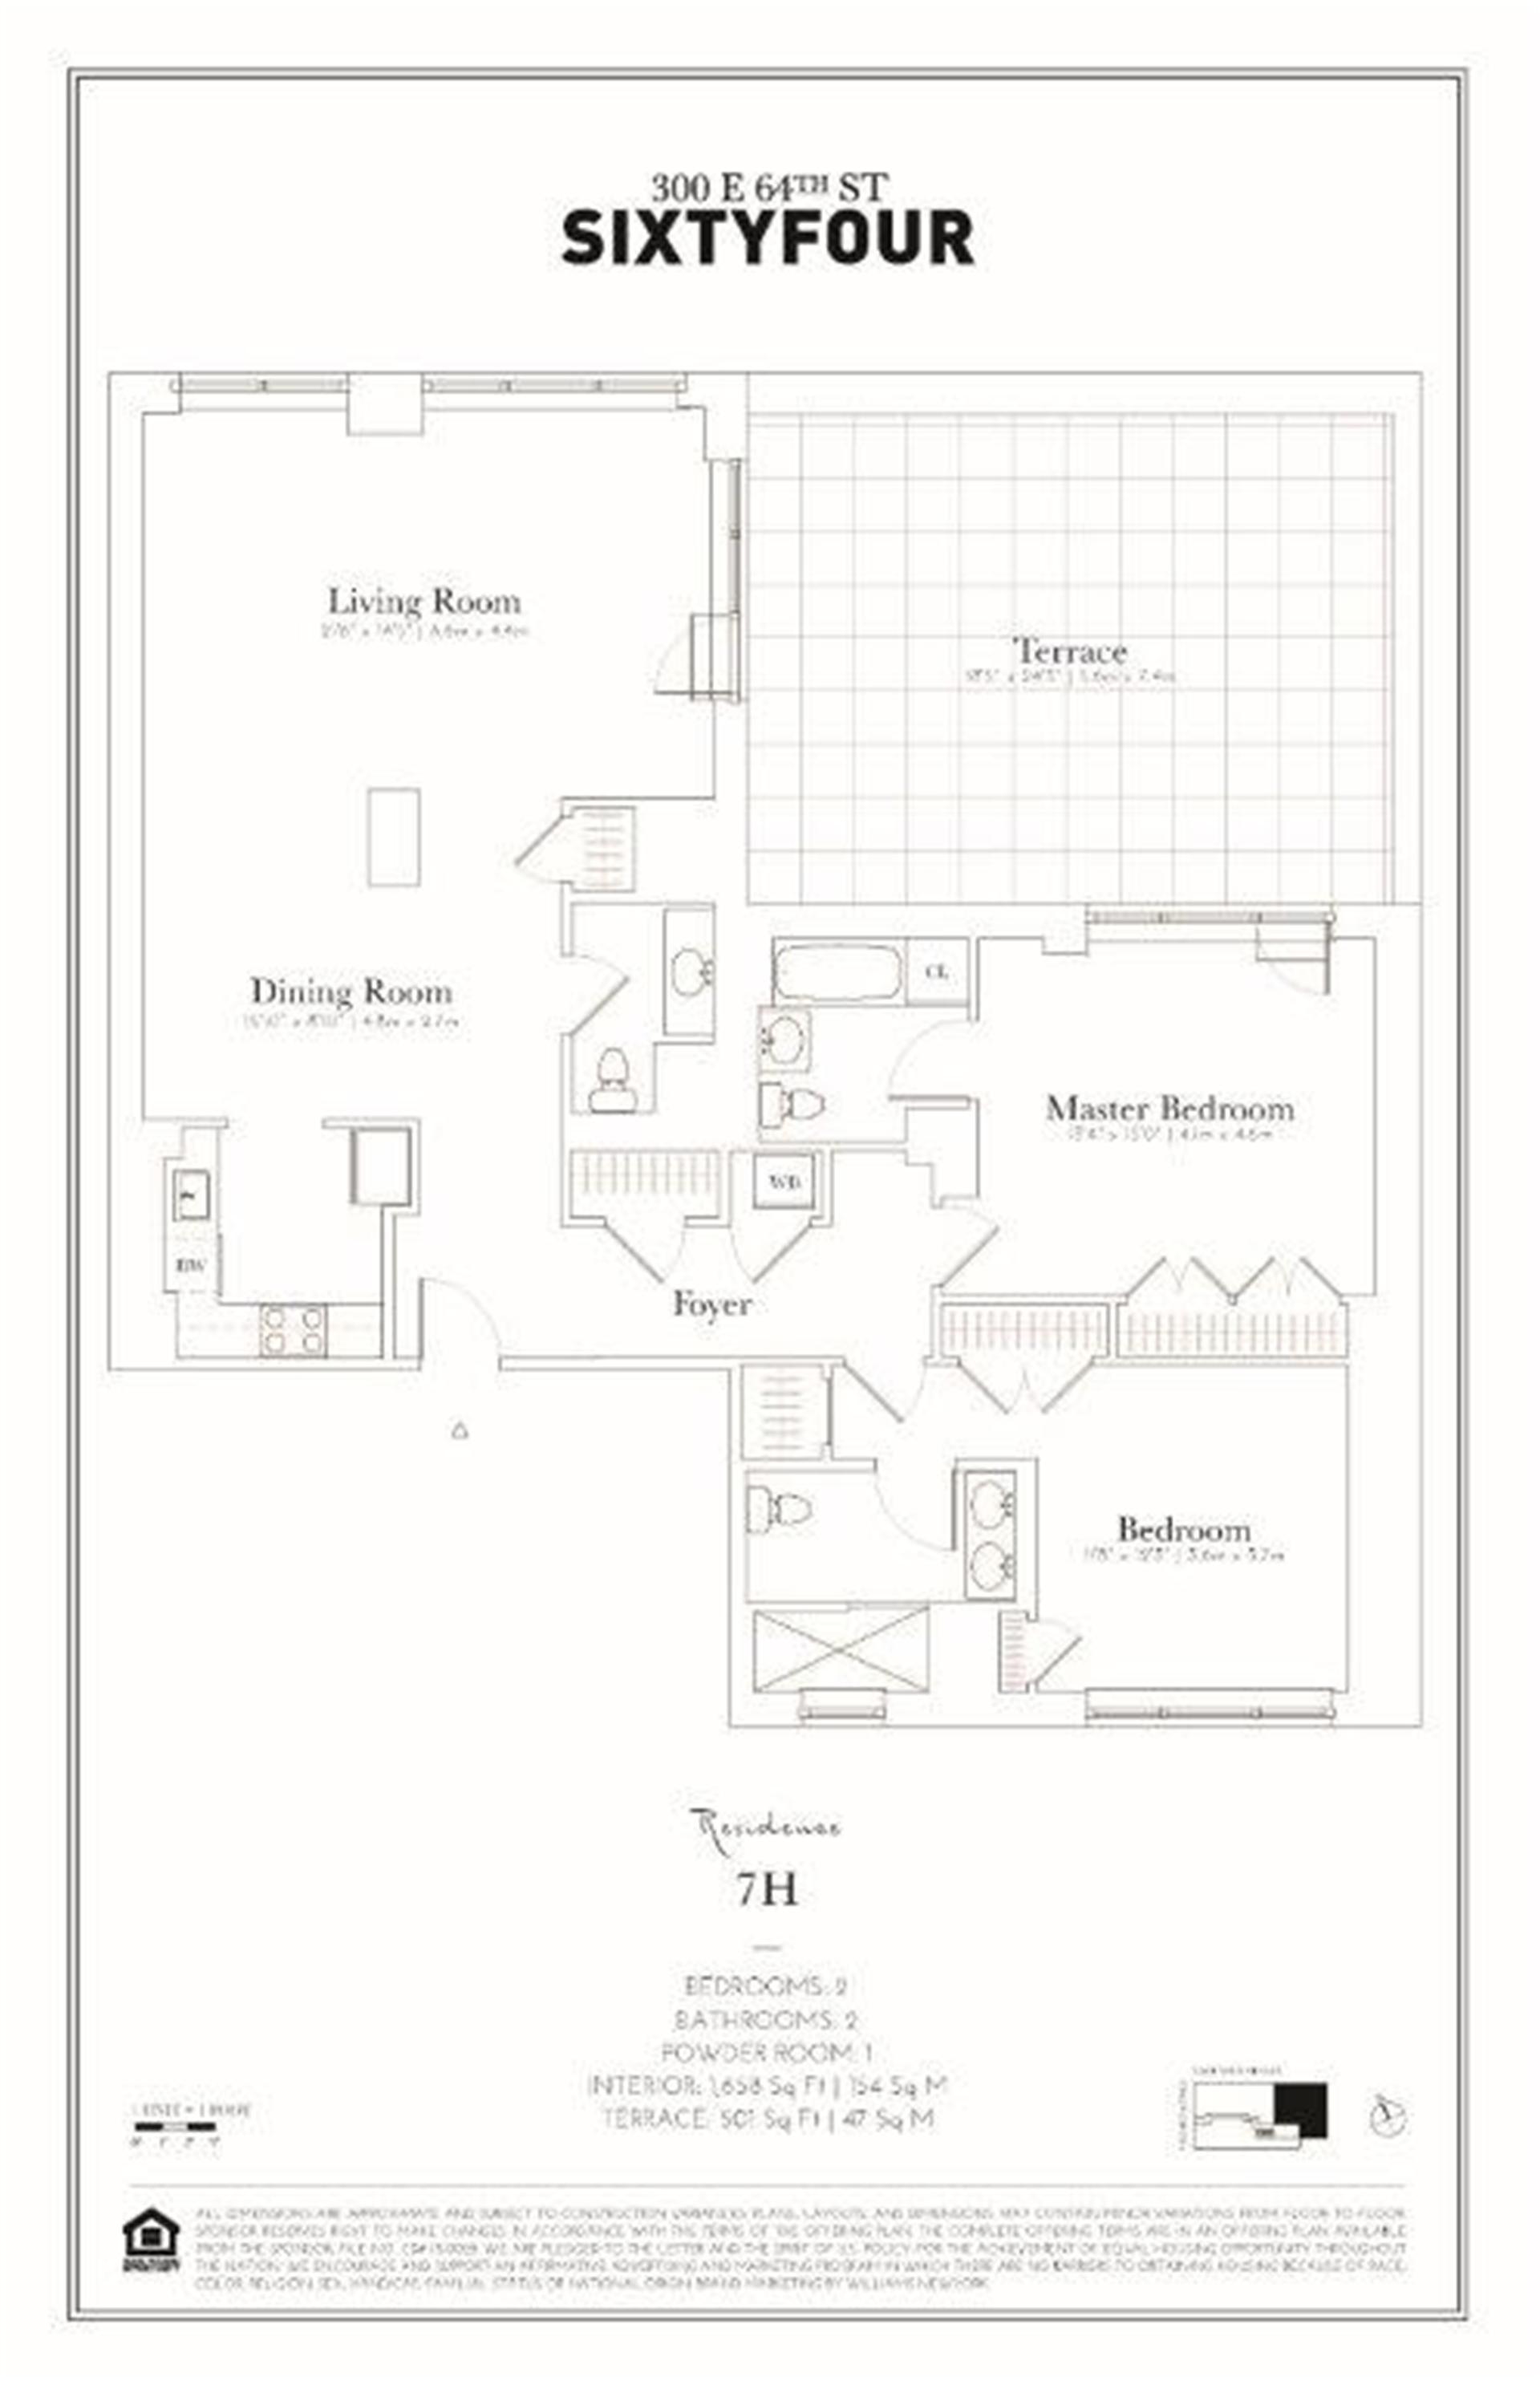 Floor plan of 300 East 64th St, 7H - Upper East Side, New York